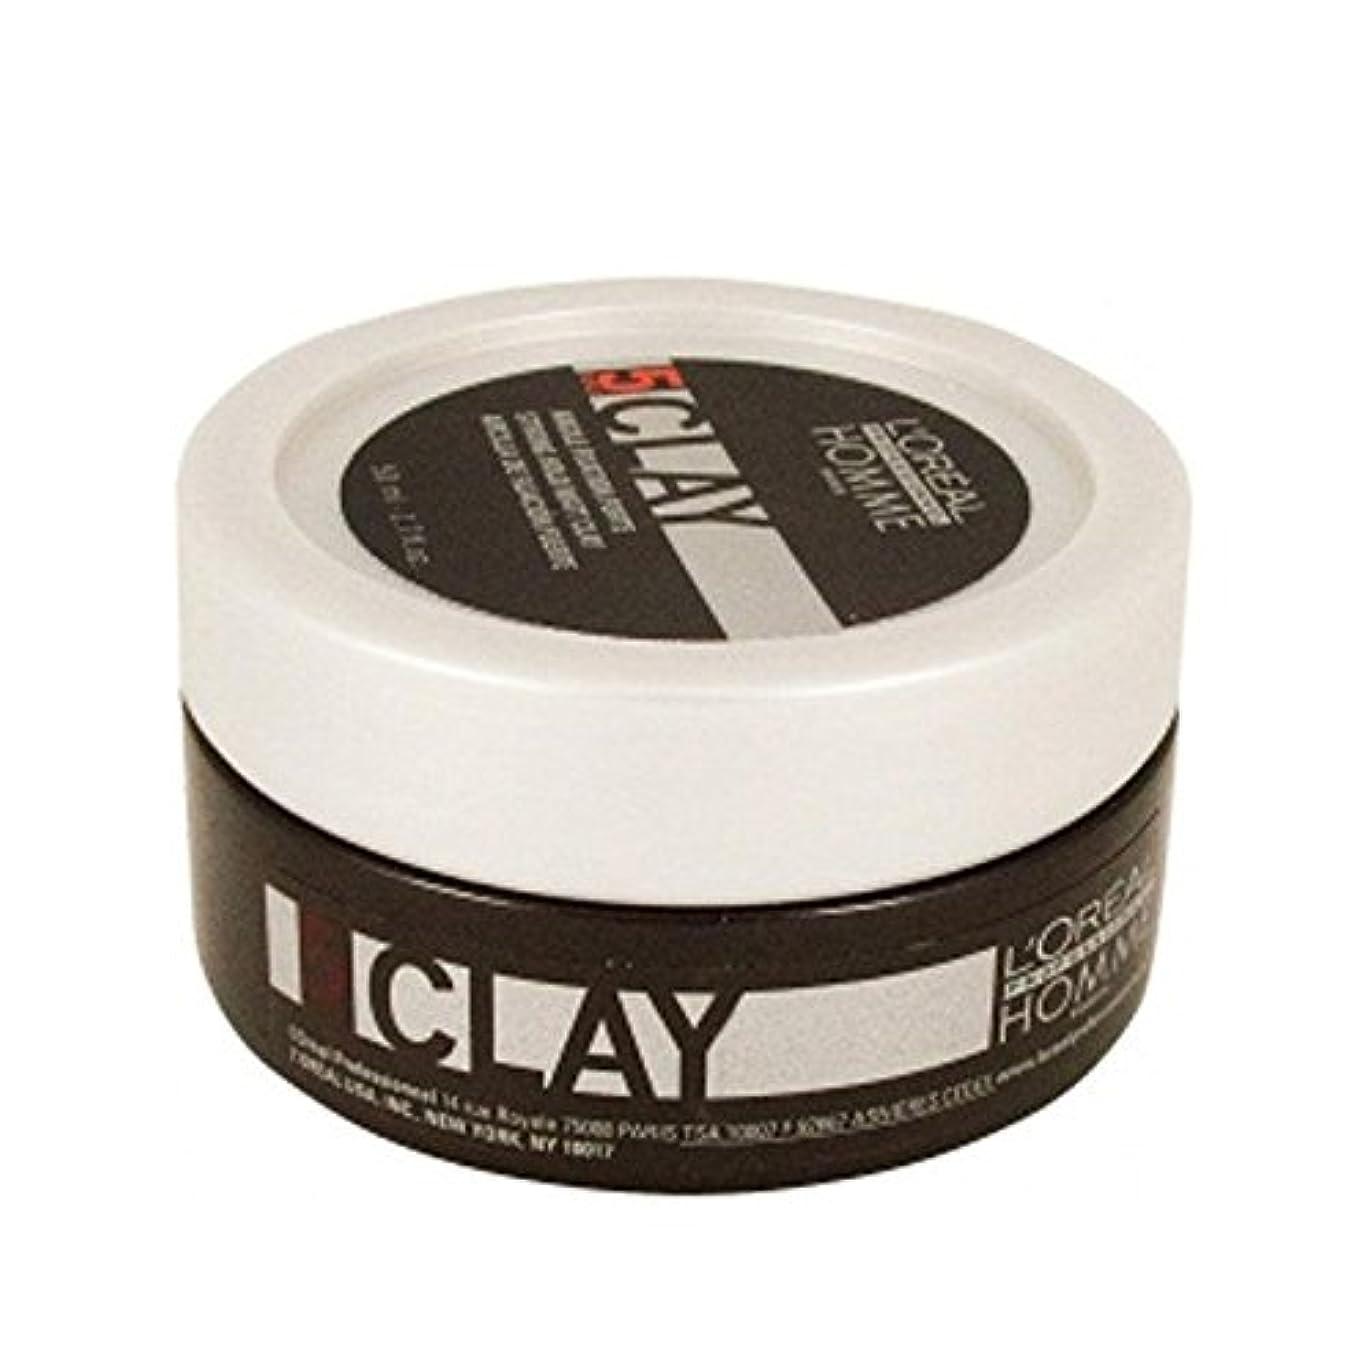 取り除くロードされたレパートリーロレアルプロフェッショナルのオム粘土 - 強力なホールド粘土(50ミリリットル) x2 - L'Or?al Professionnel Homme Clay ? Strong Hold Clay (50ml) (Pack...